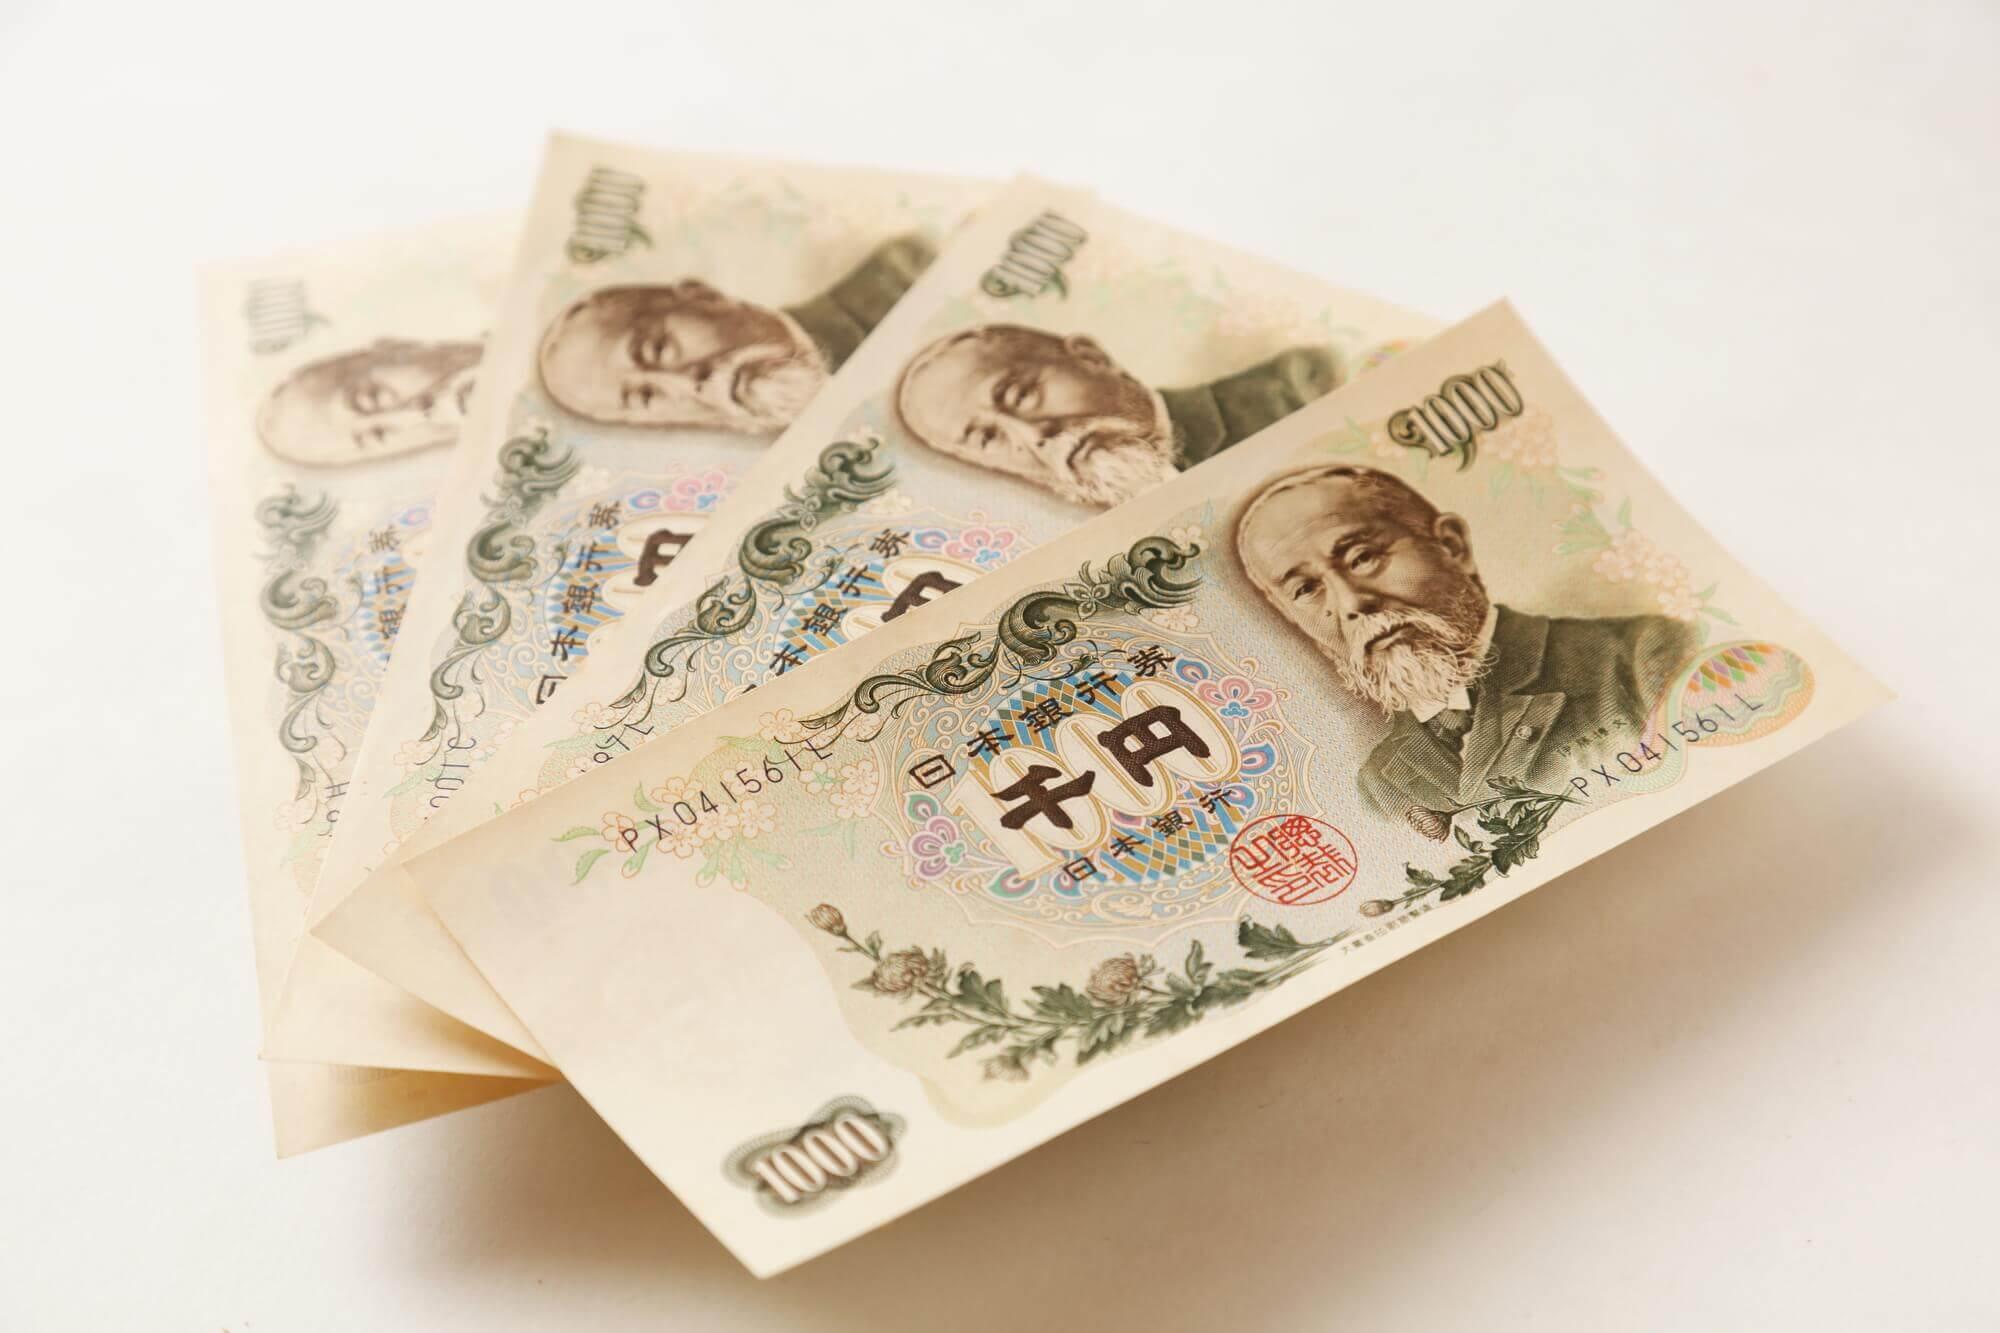 昔の千円札は買い取ってもらえるの?種類別の価値まとめ